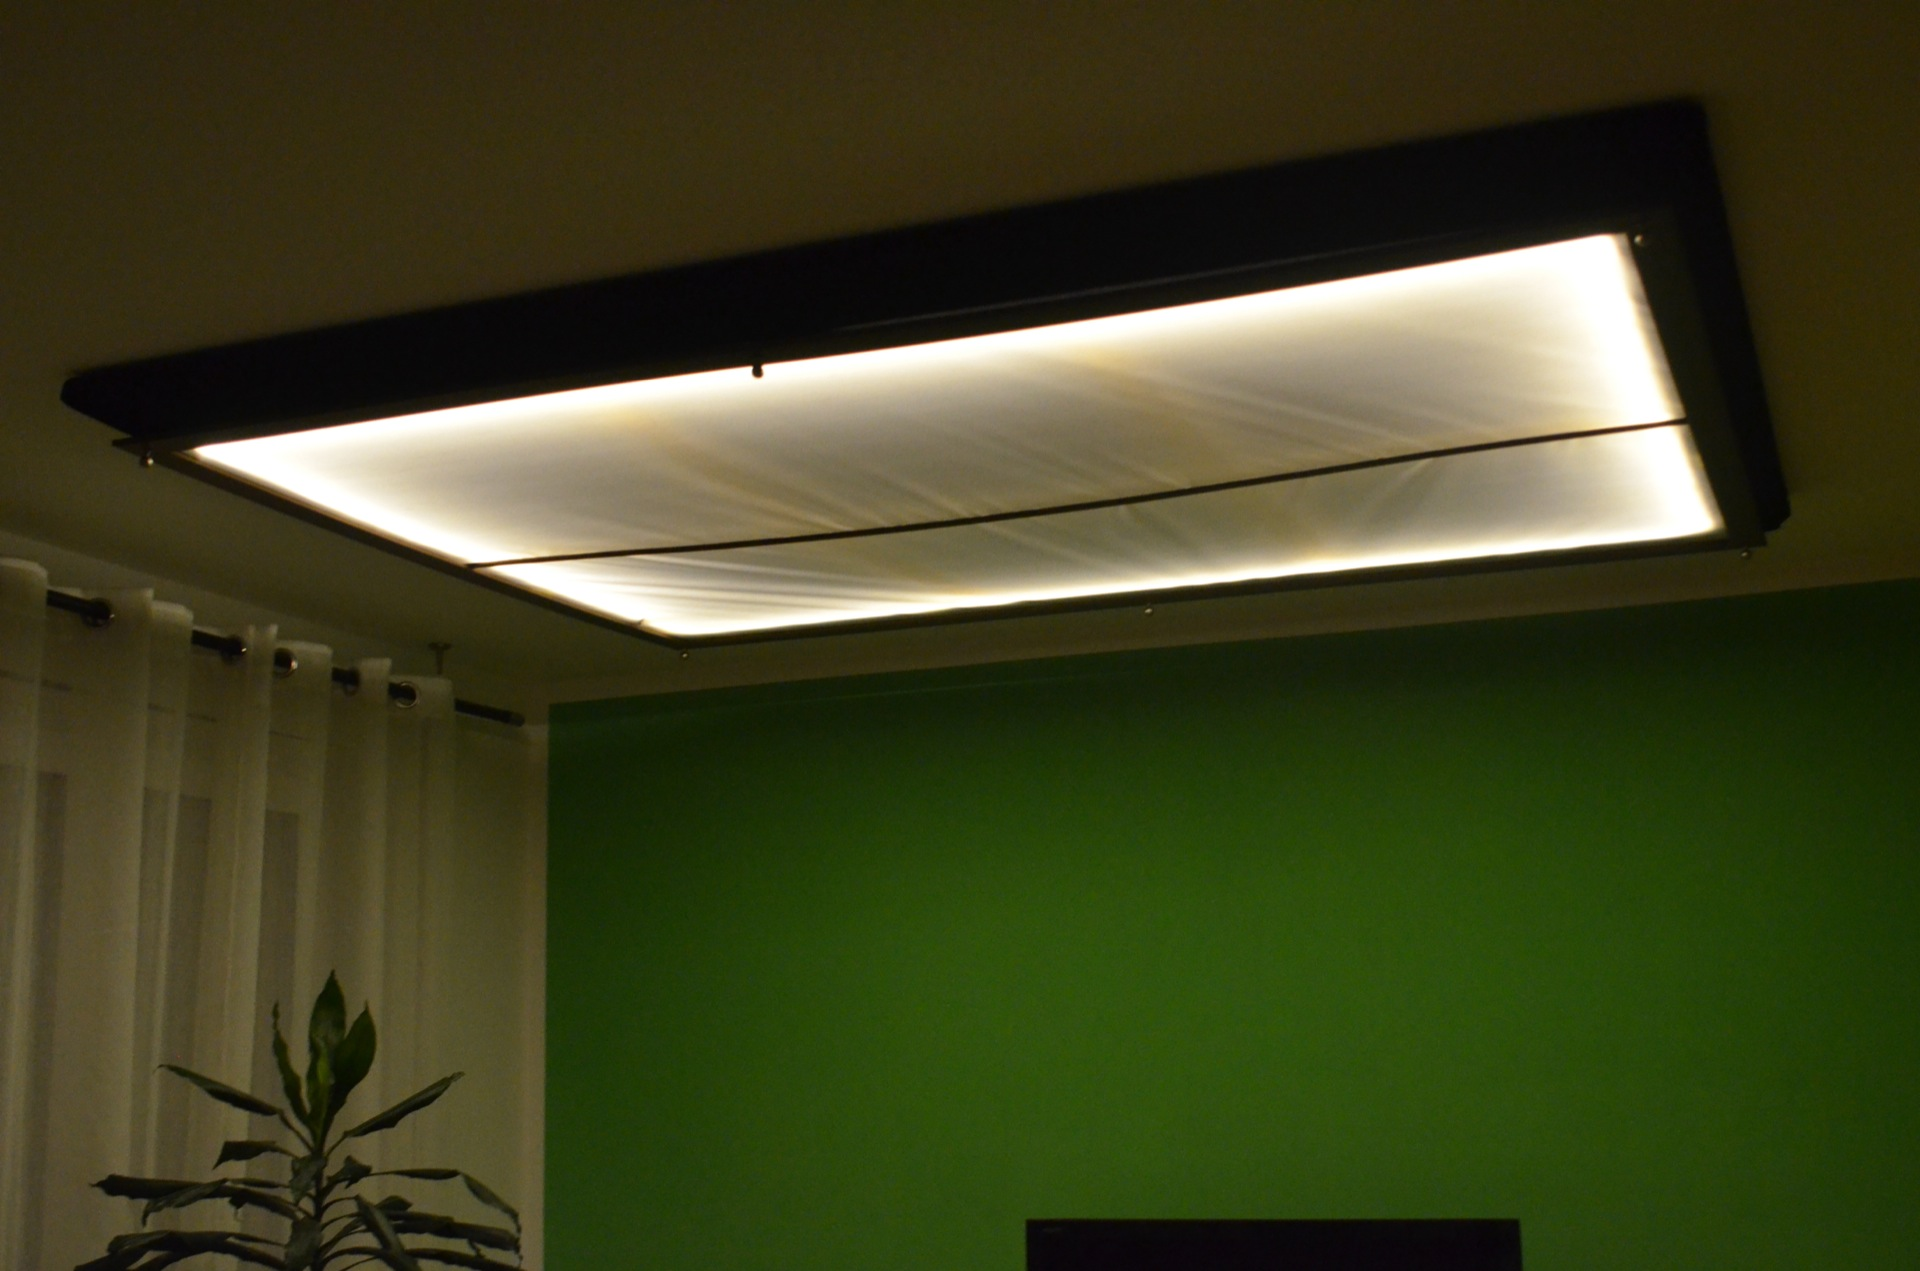 Ansprechend Auf Wohnzimmer Ideen Auch Grosse Lampe Lampen